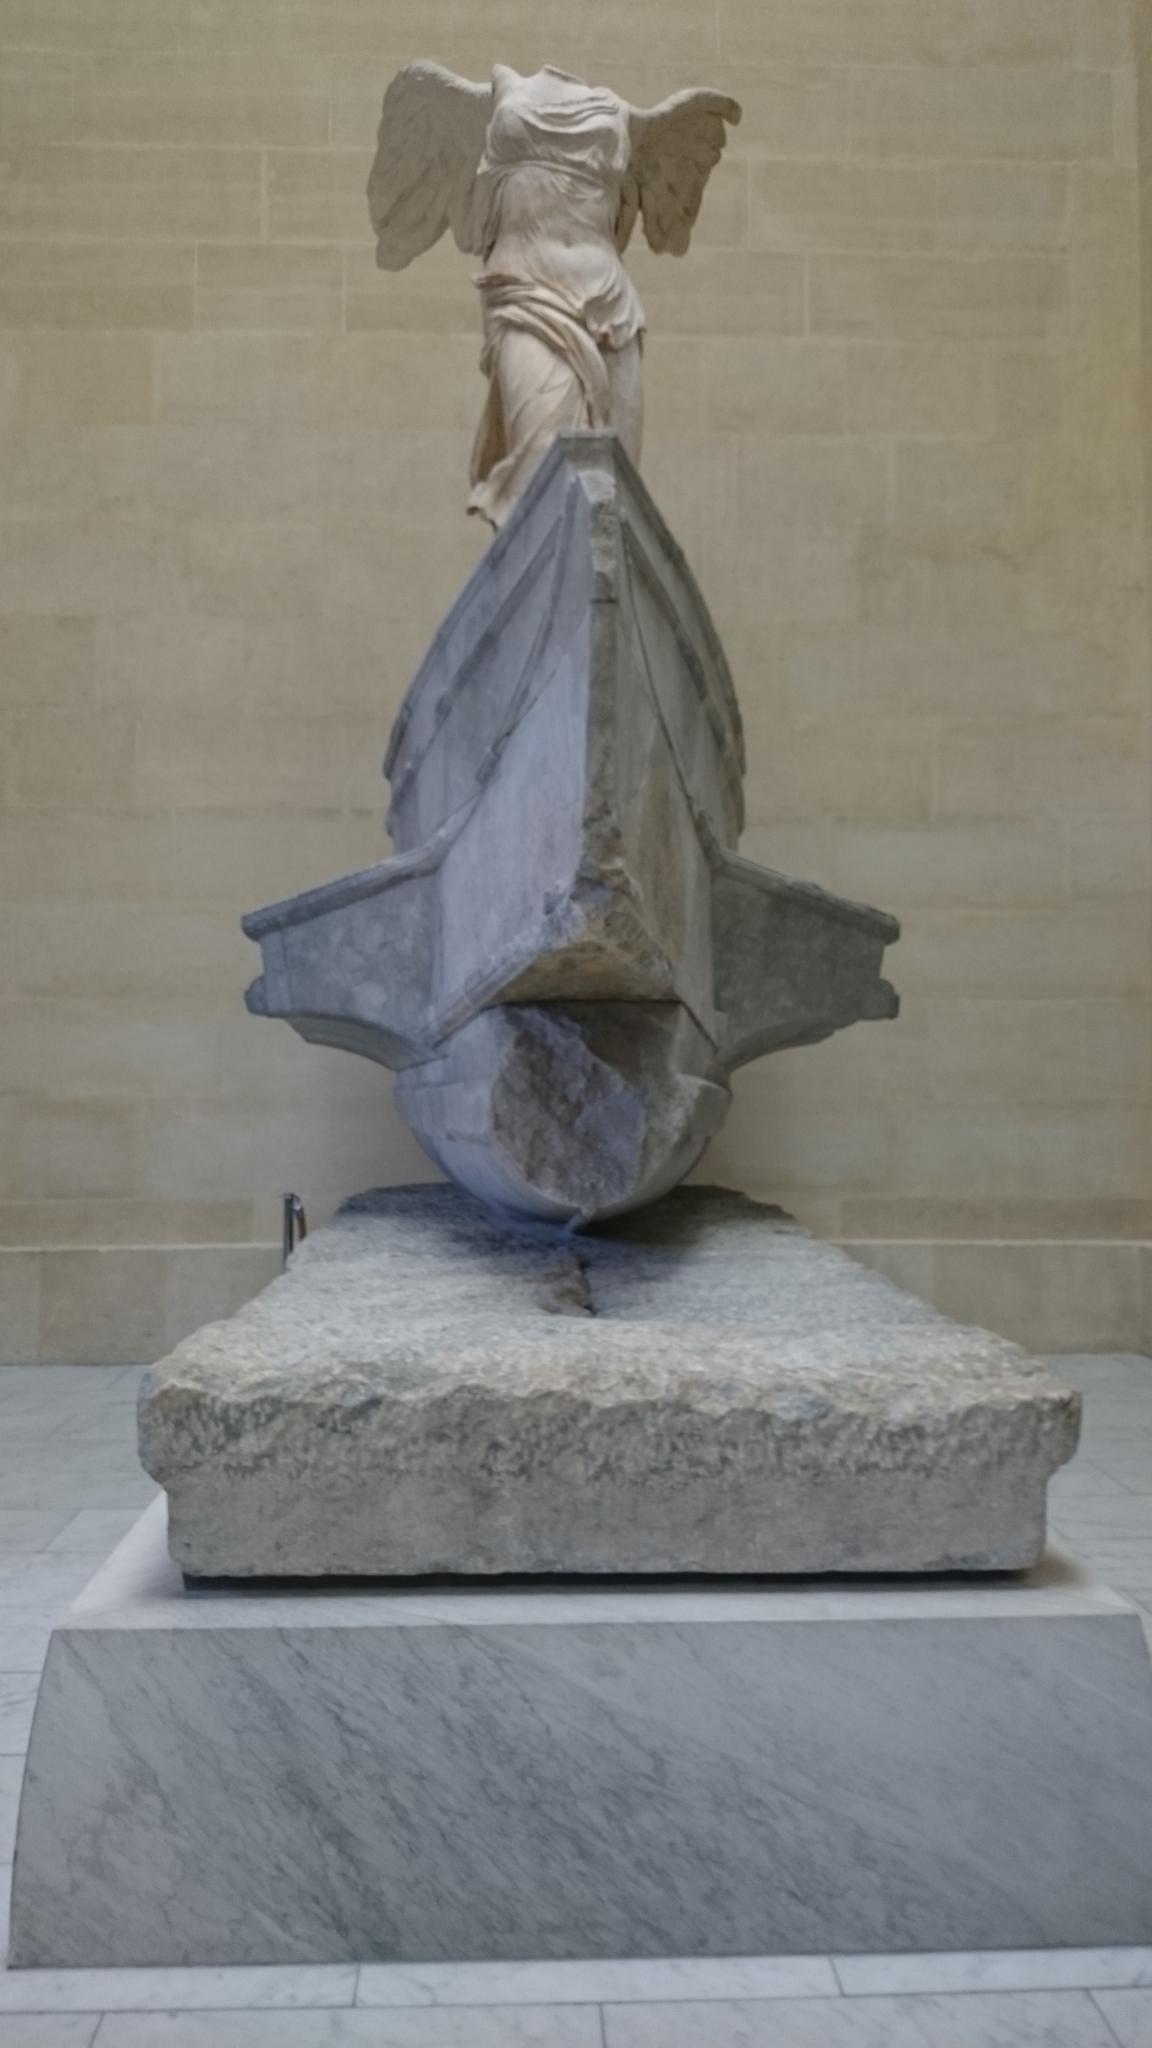 dsc 1472 - Consejos para visitar el Museo Louvre (y otros museos)